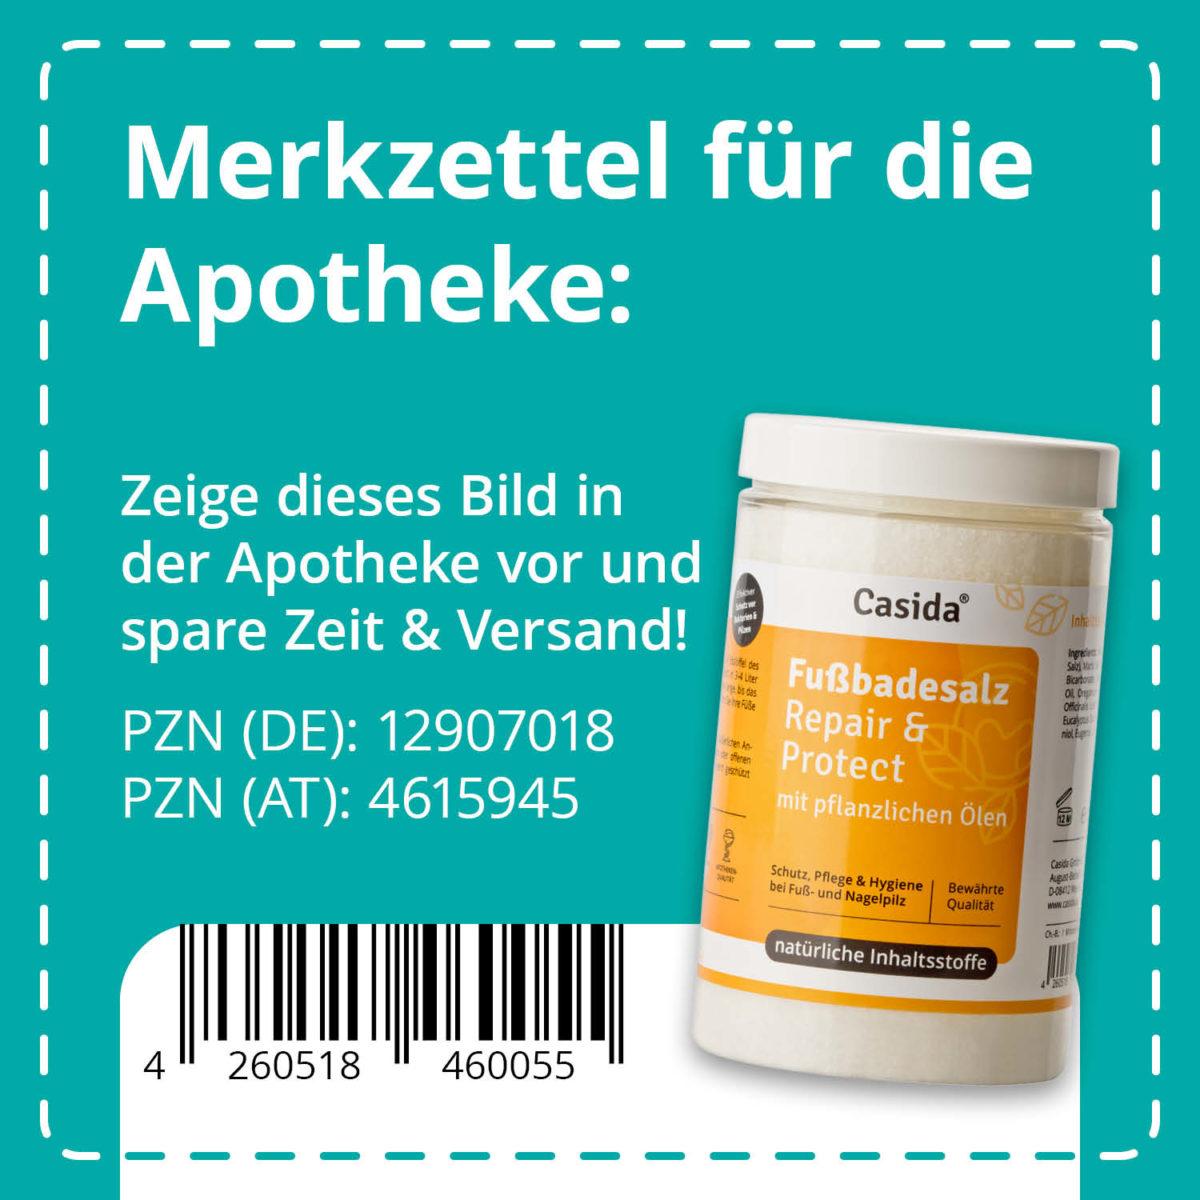 Casida Foot Bath Salt Repair & Protect 375 g 12907018 PZN pharmacy nail fungus toe fungus